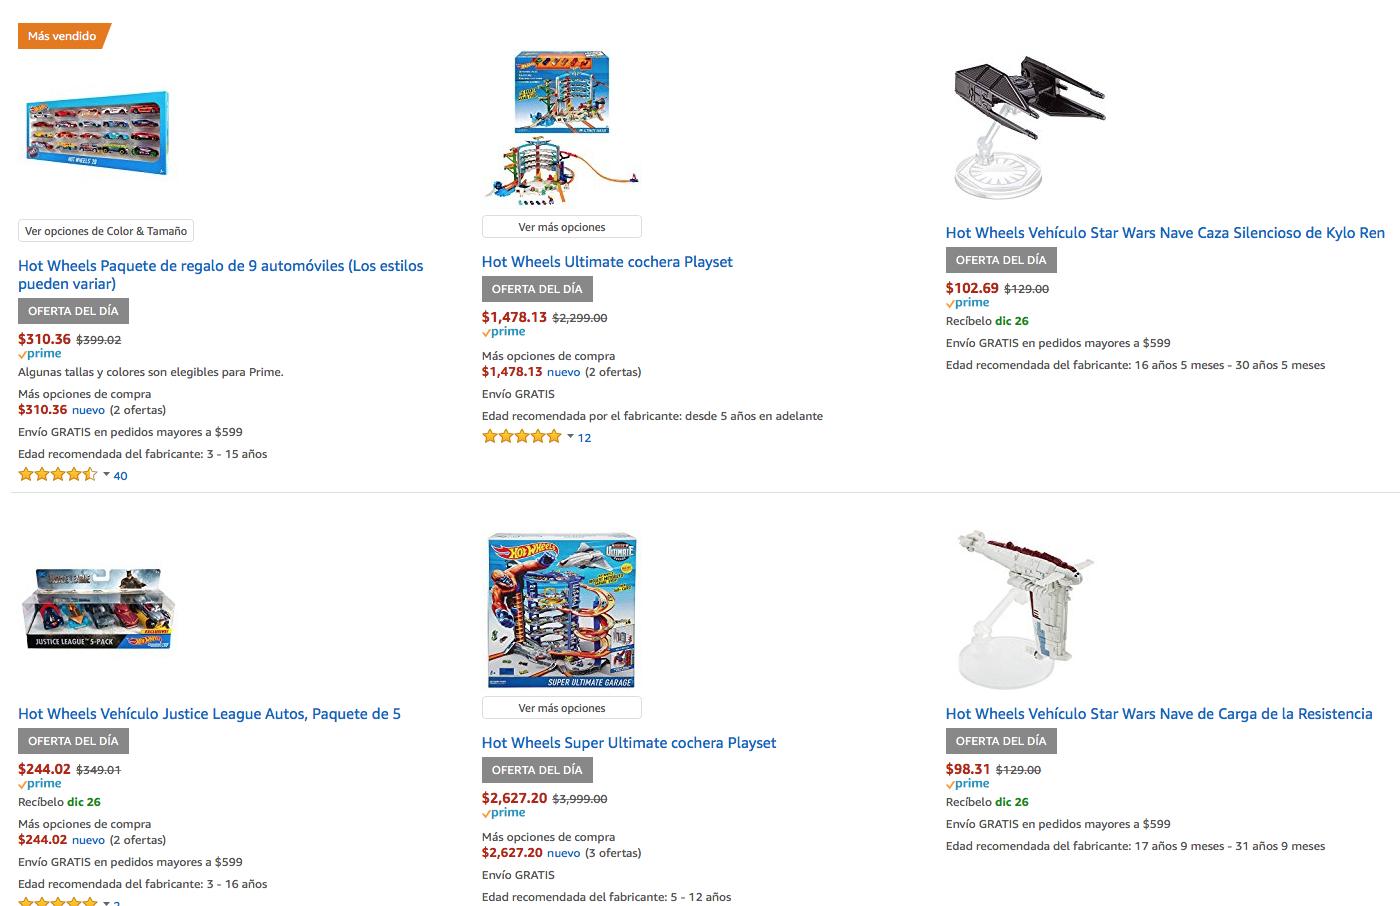 Amazon: Productos Hot Wheels hasta con 30% de descuento